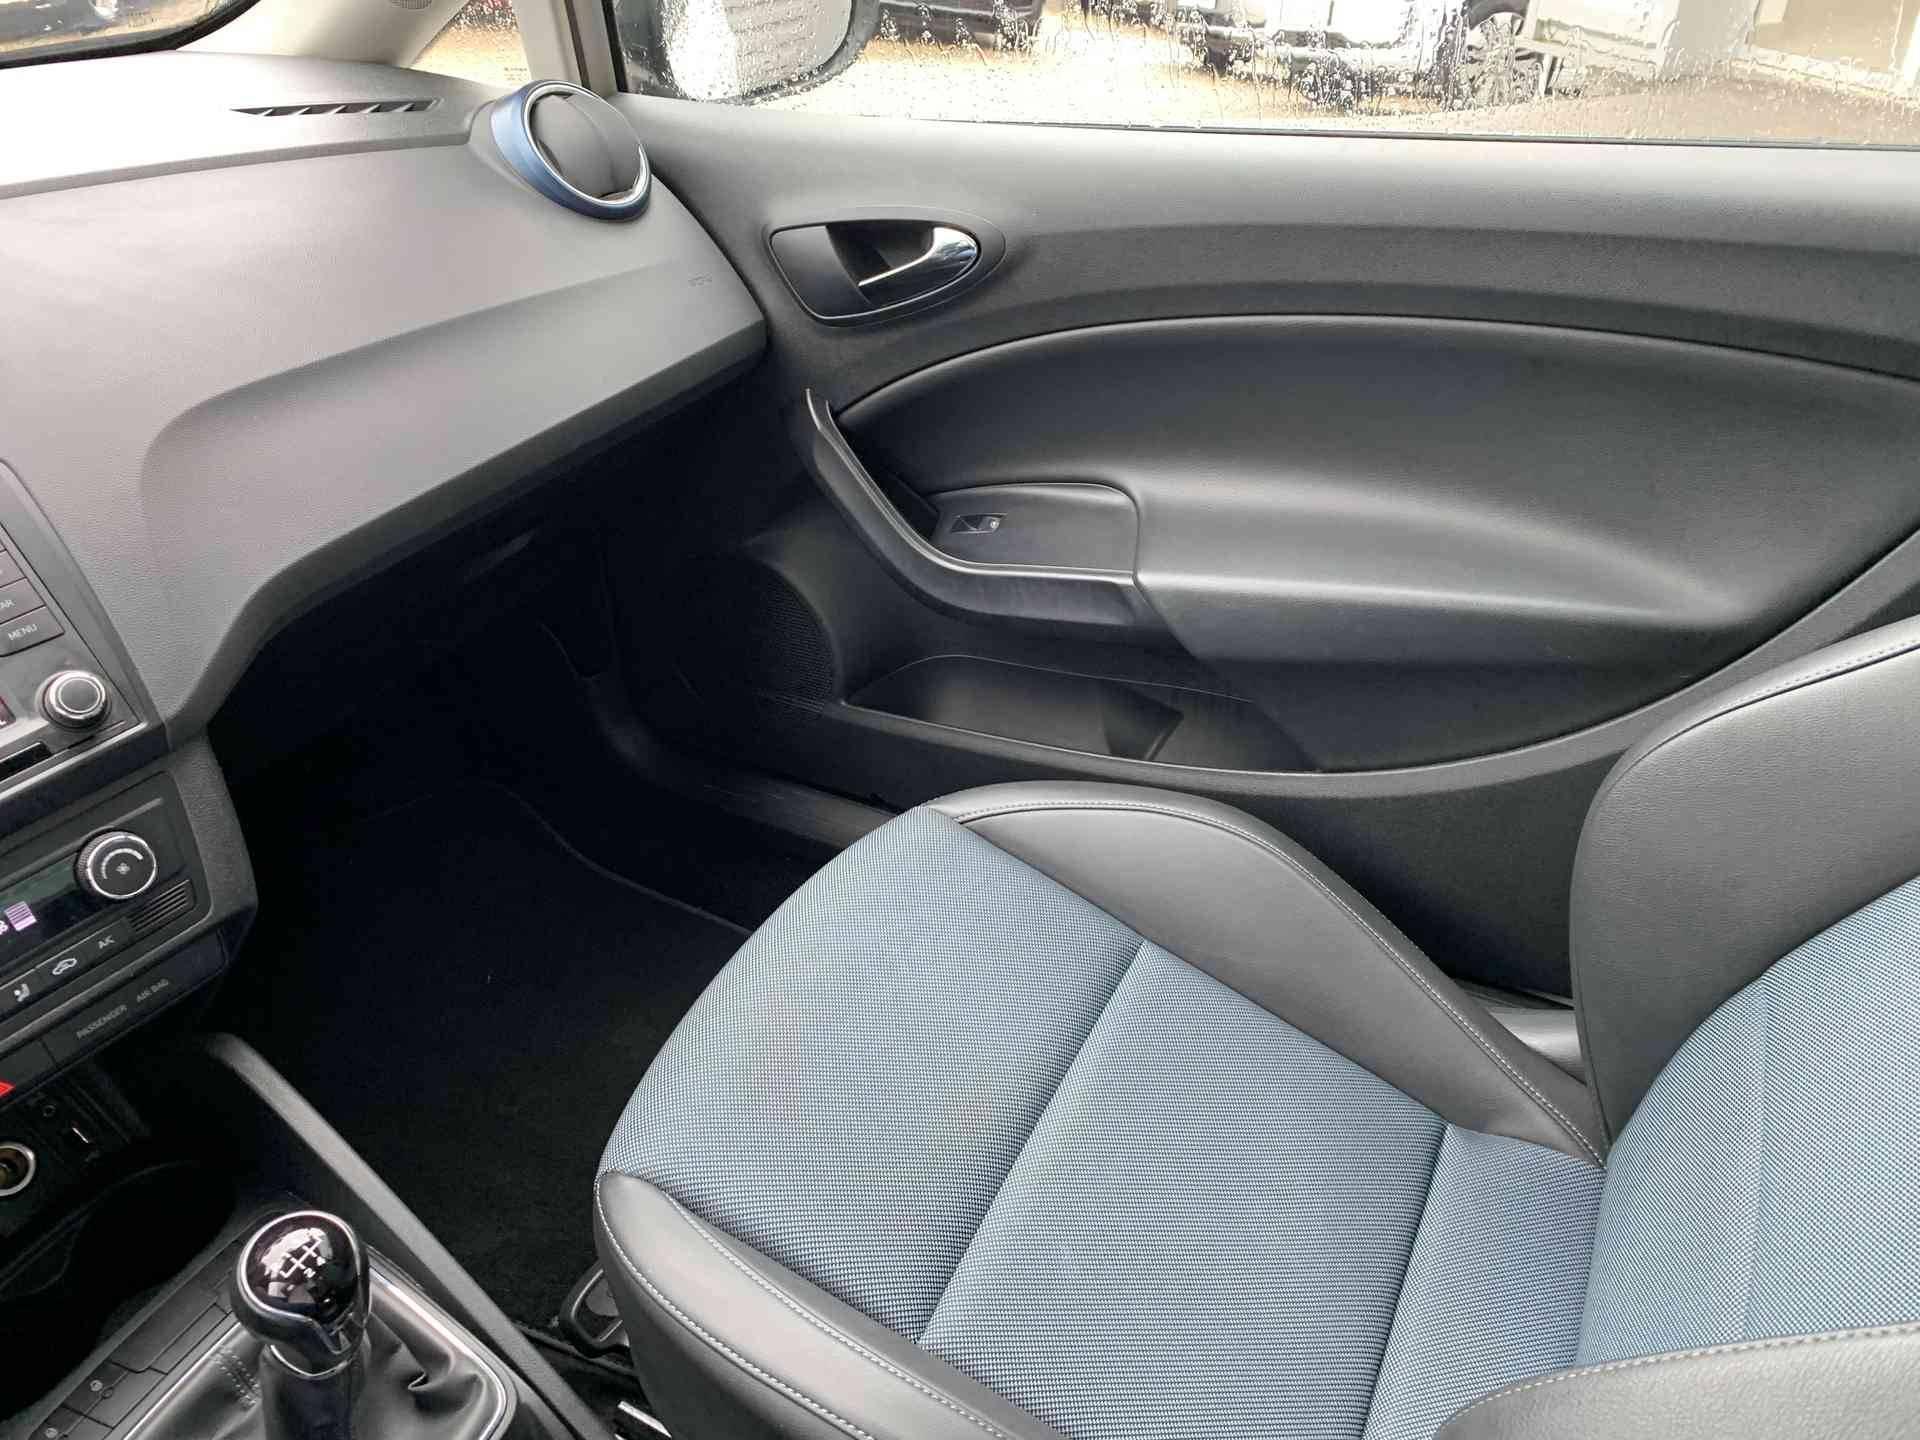 7 - Ibiza SC 1.2 TSI 90 ch